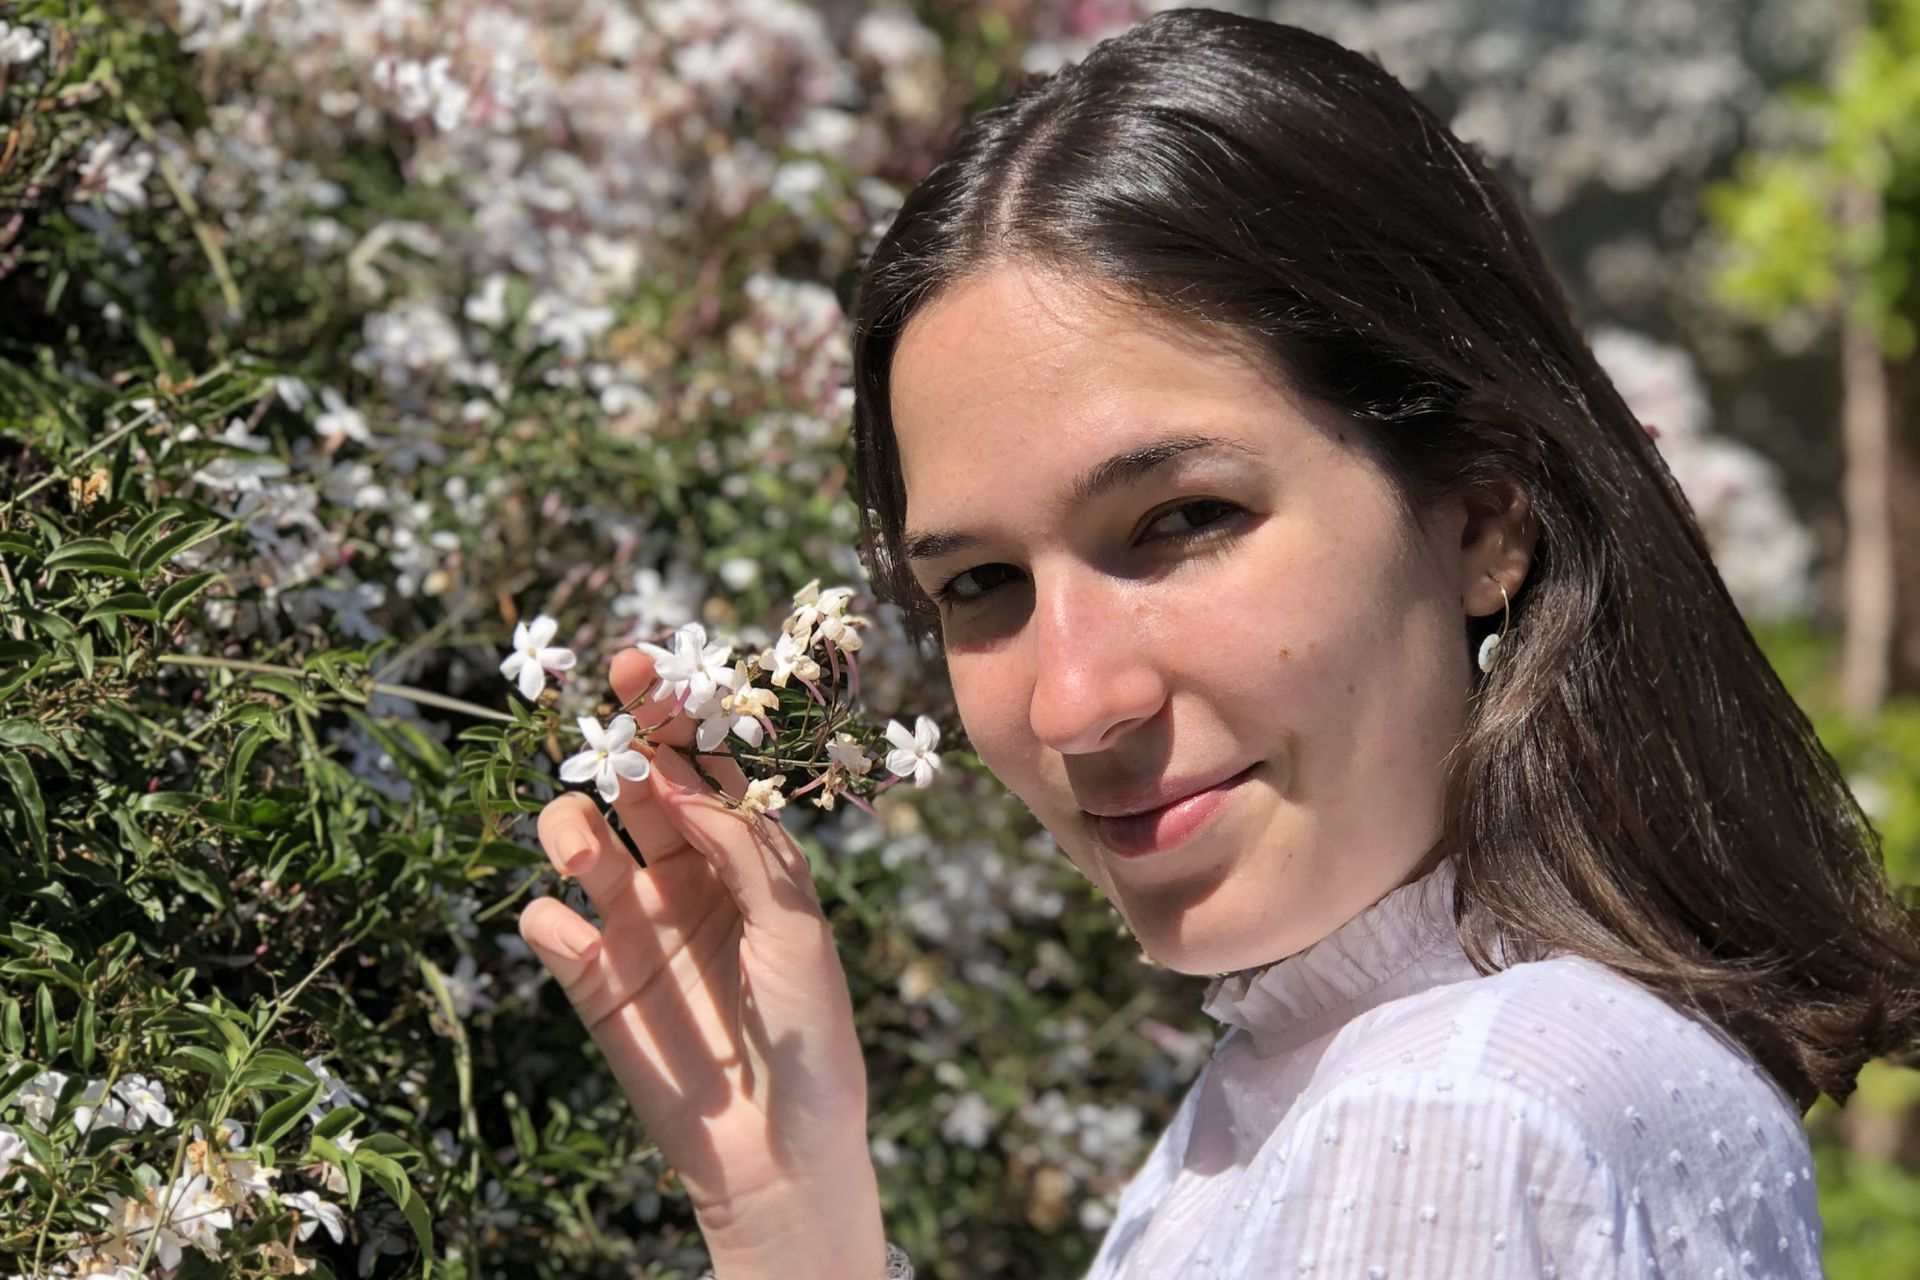 A Emilia le encantaría algún día traer su conocimiento a la Argentina y crear una marca de perfumería inspirada en la diversidad del país.